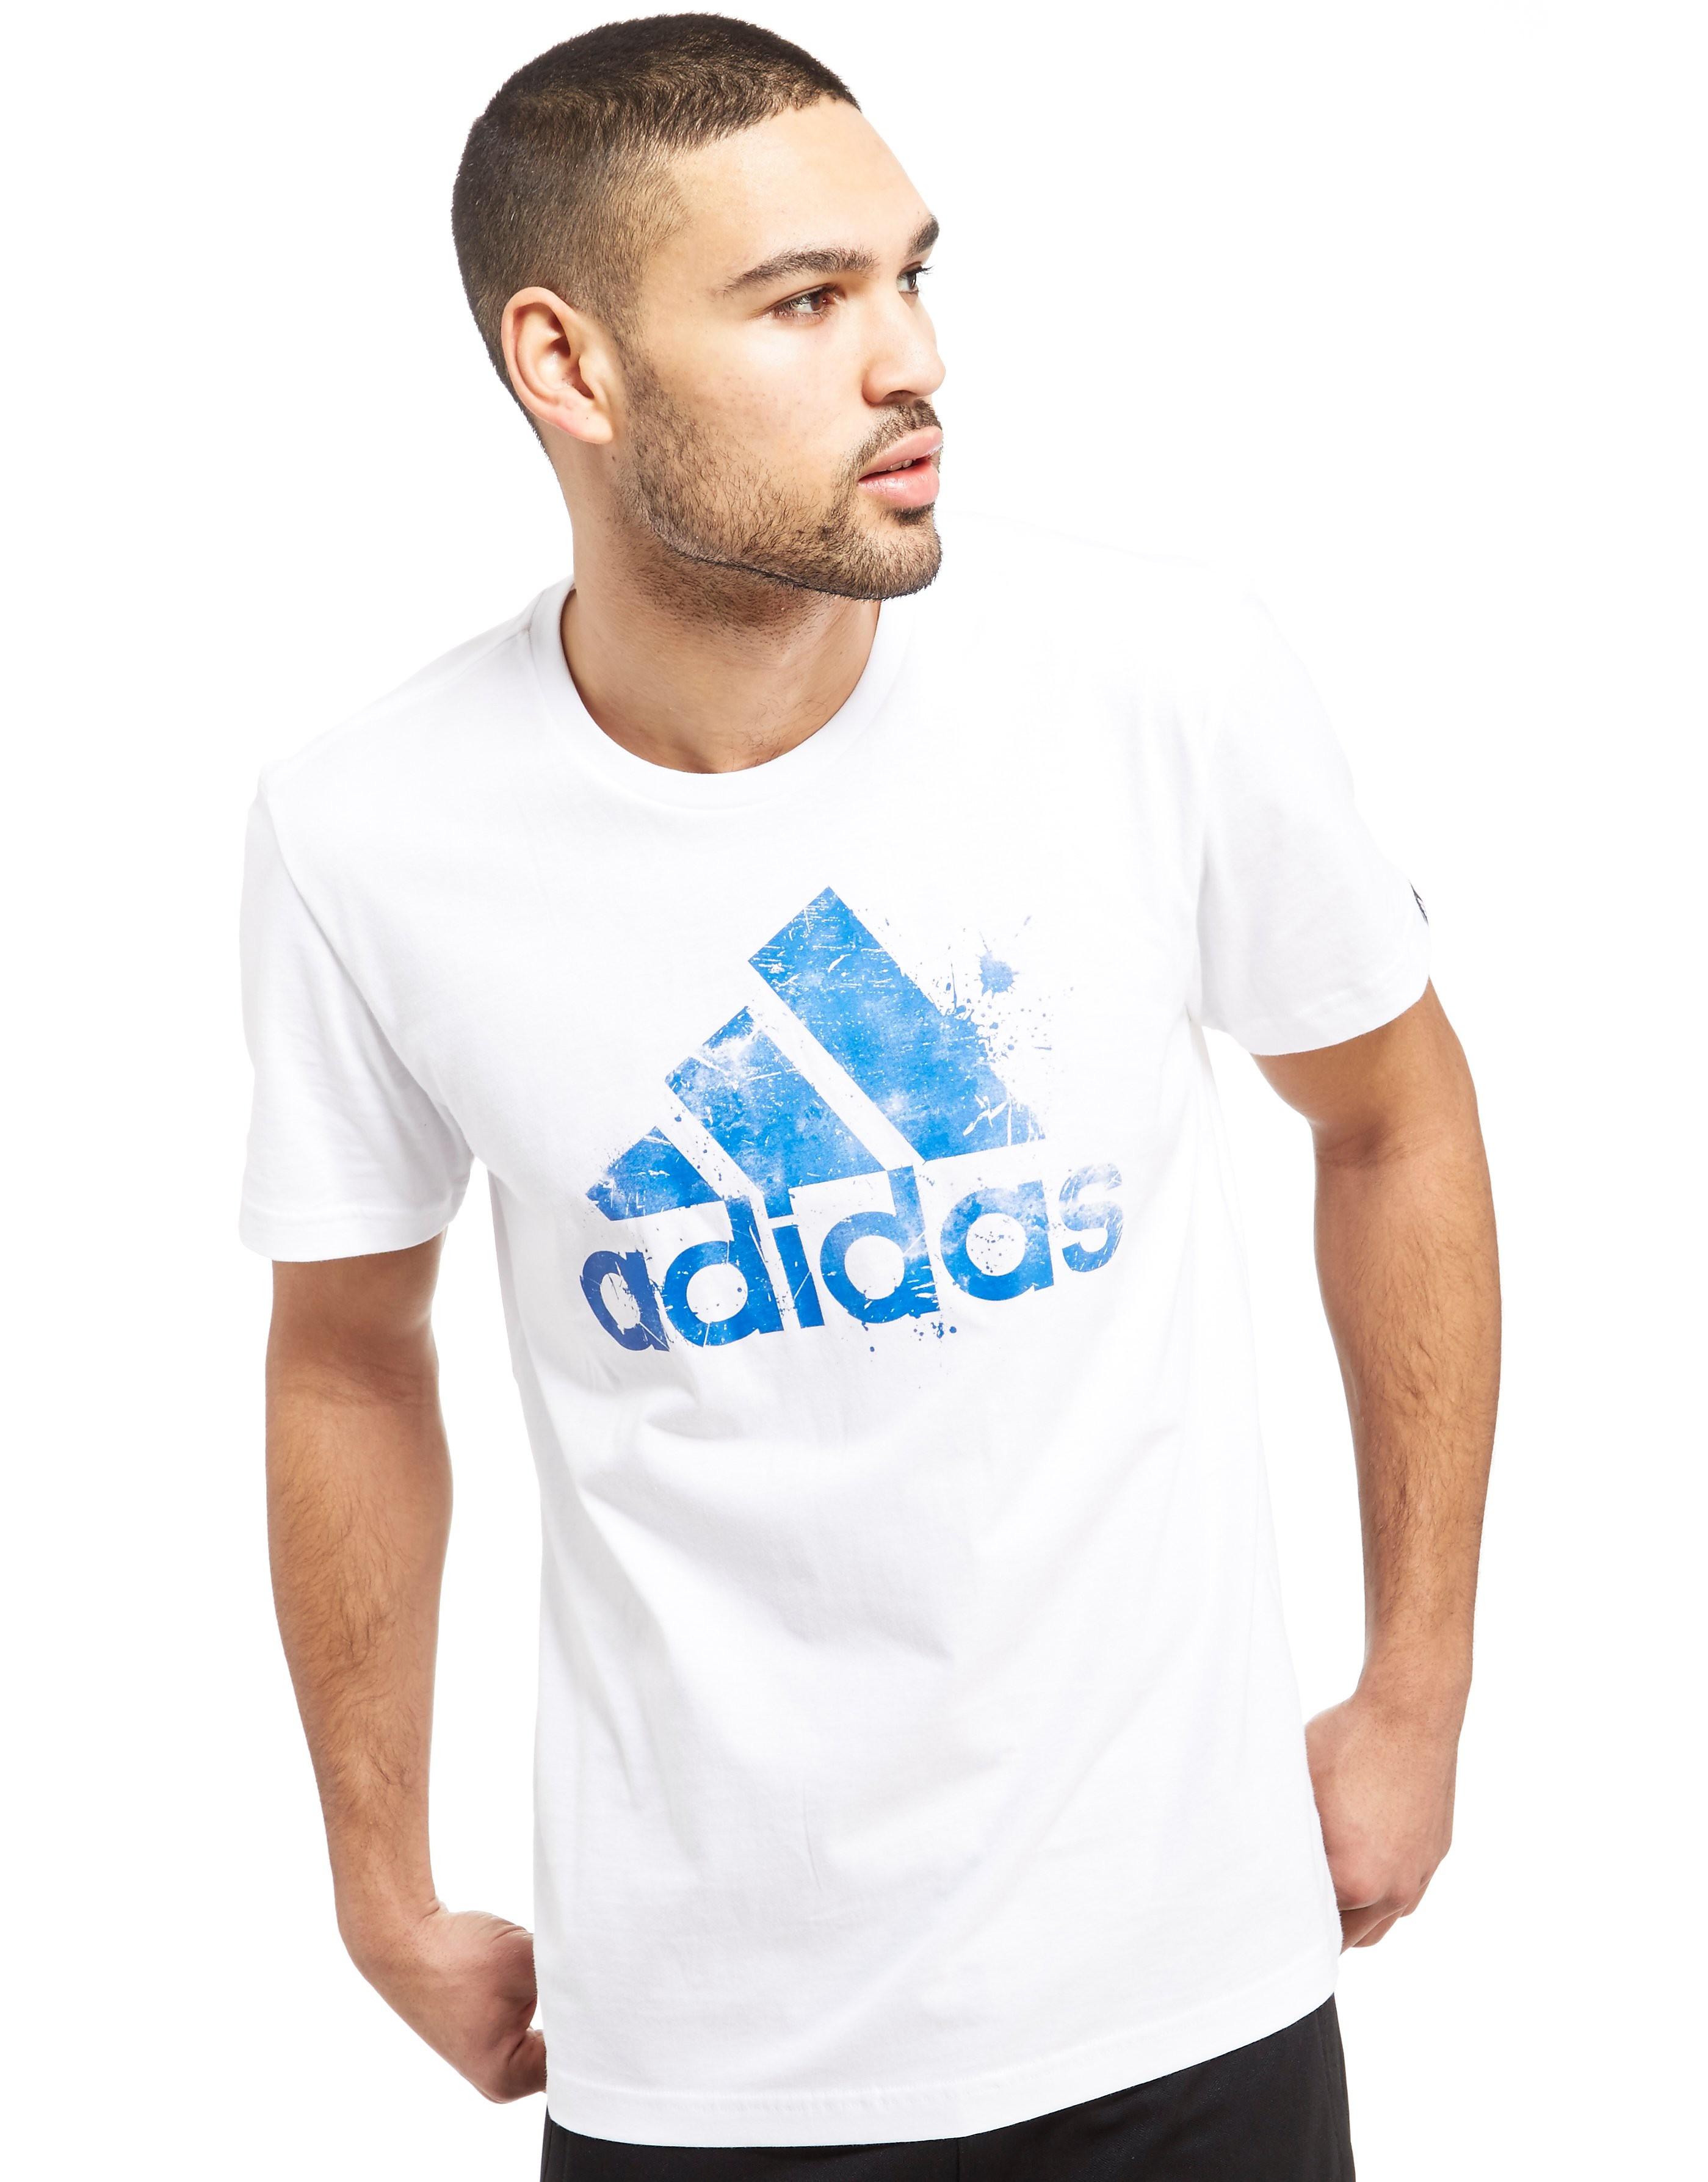 adidas Splatter T-Shirt - Only at JD